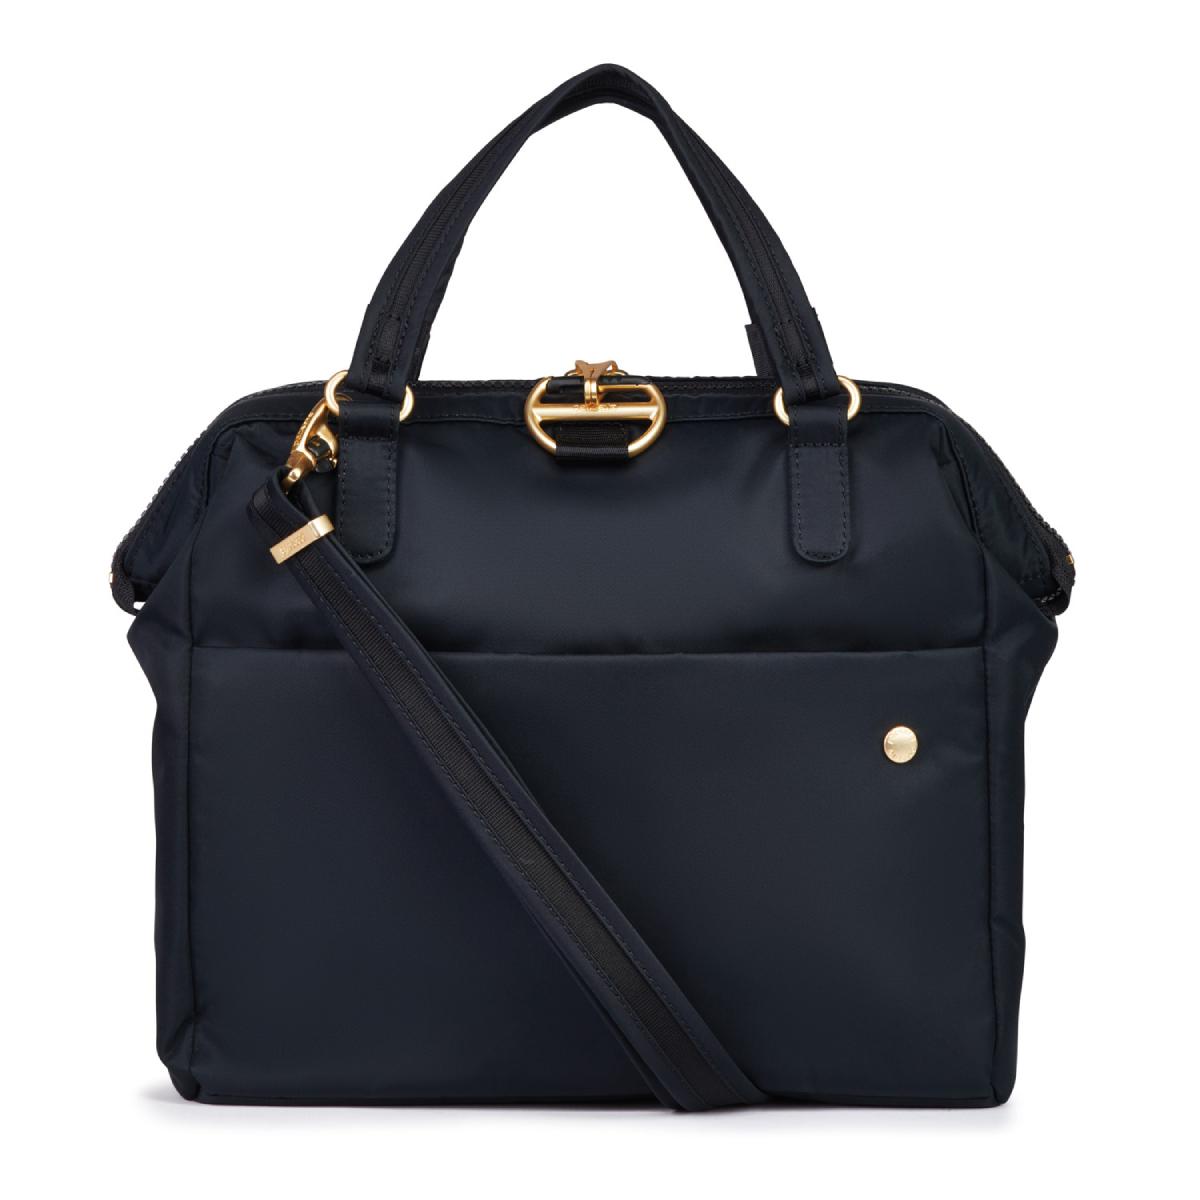 """Сумка через плече, """"антизлодій"""", Citysafe CX Satchel Handbag, 6 ступенів захисту 2"""